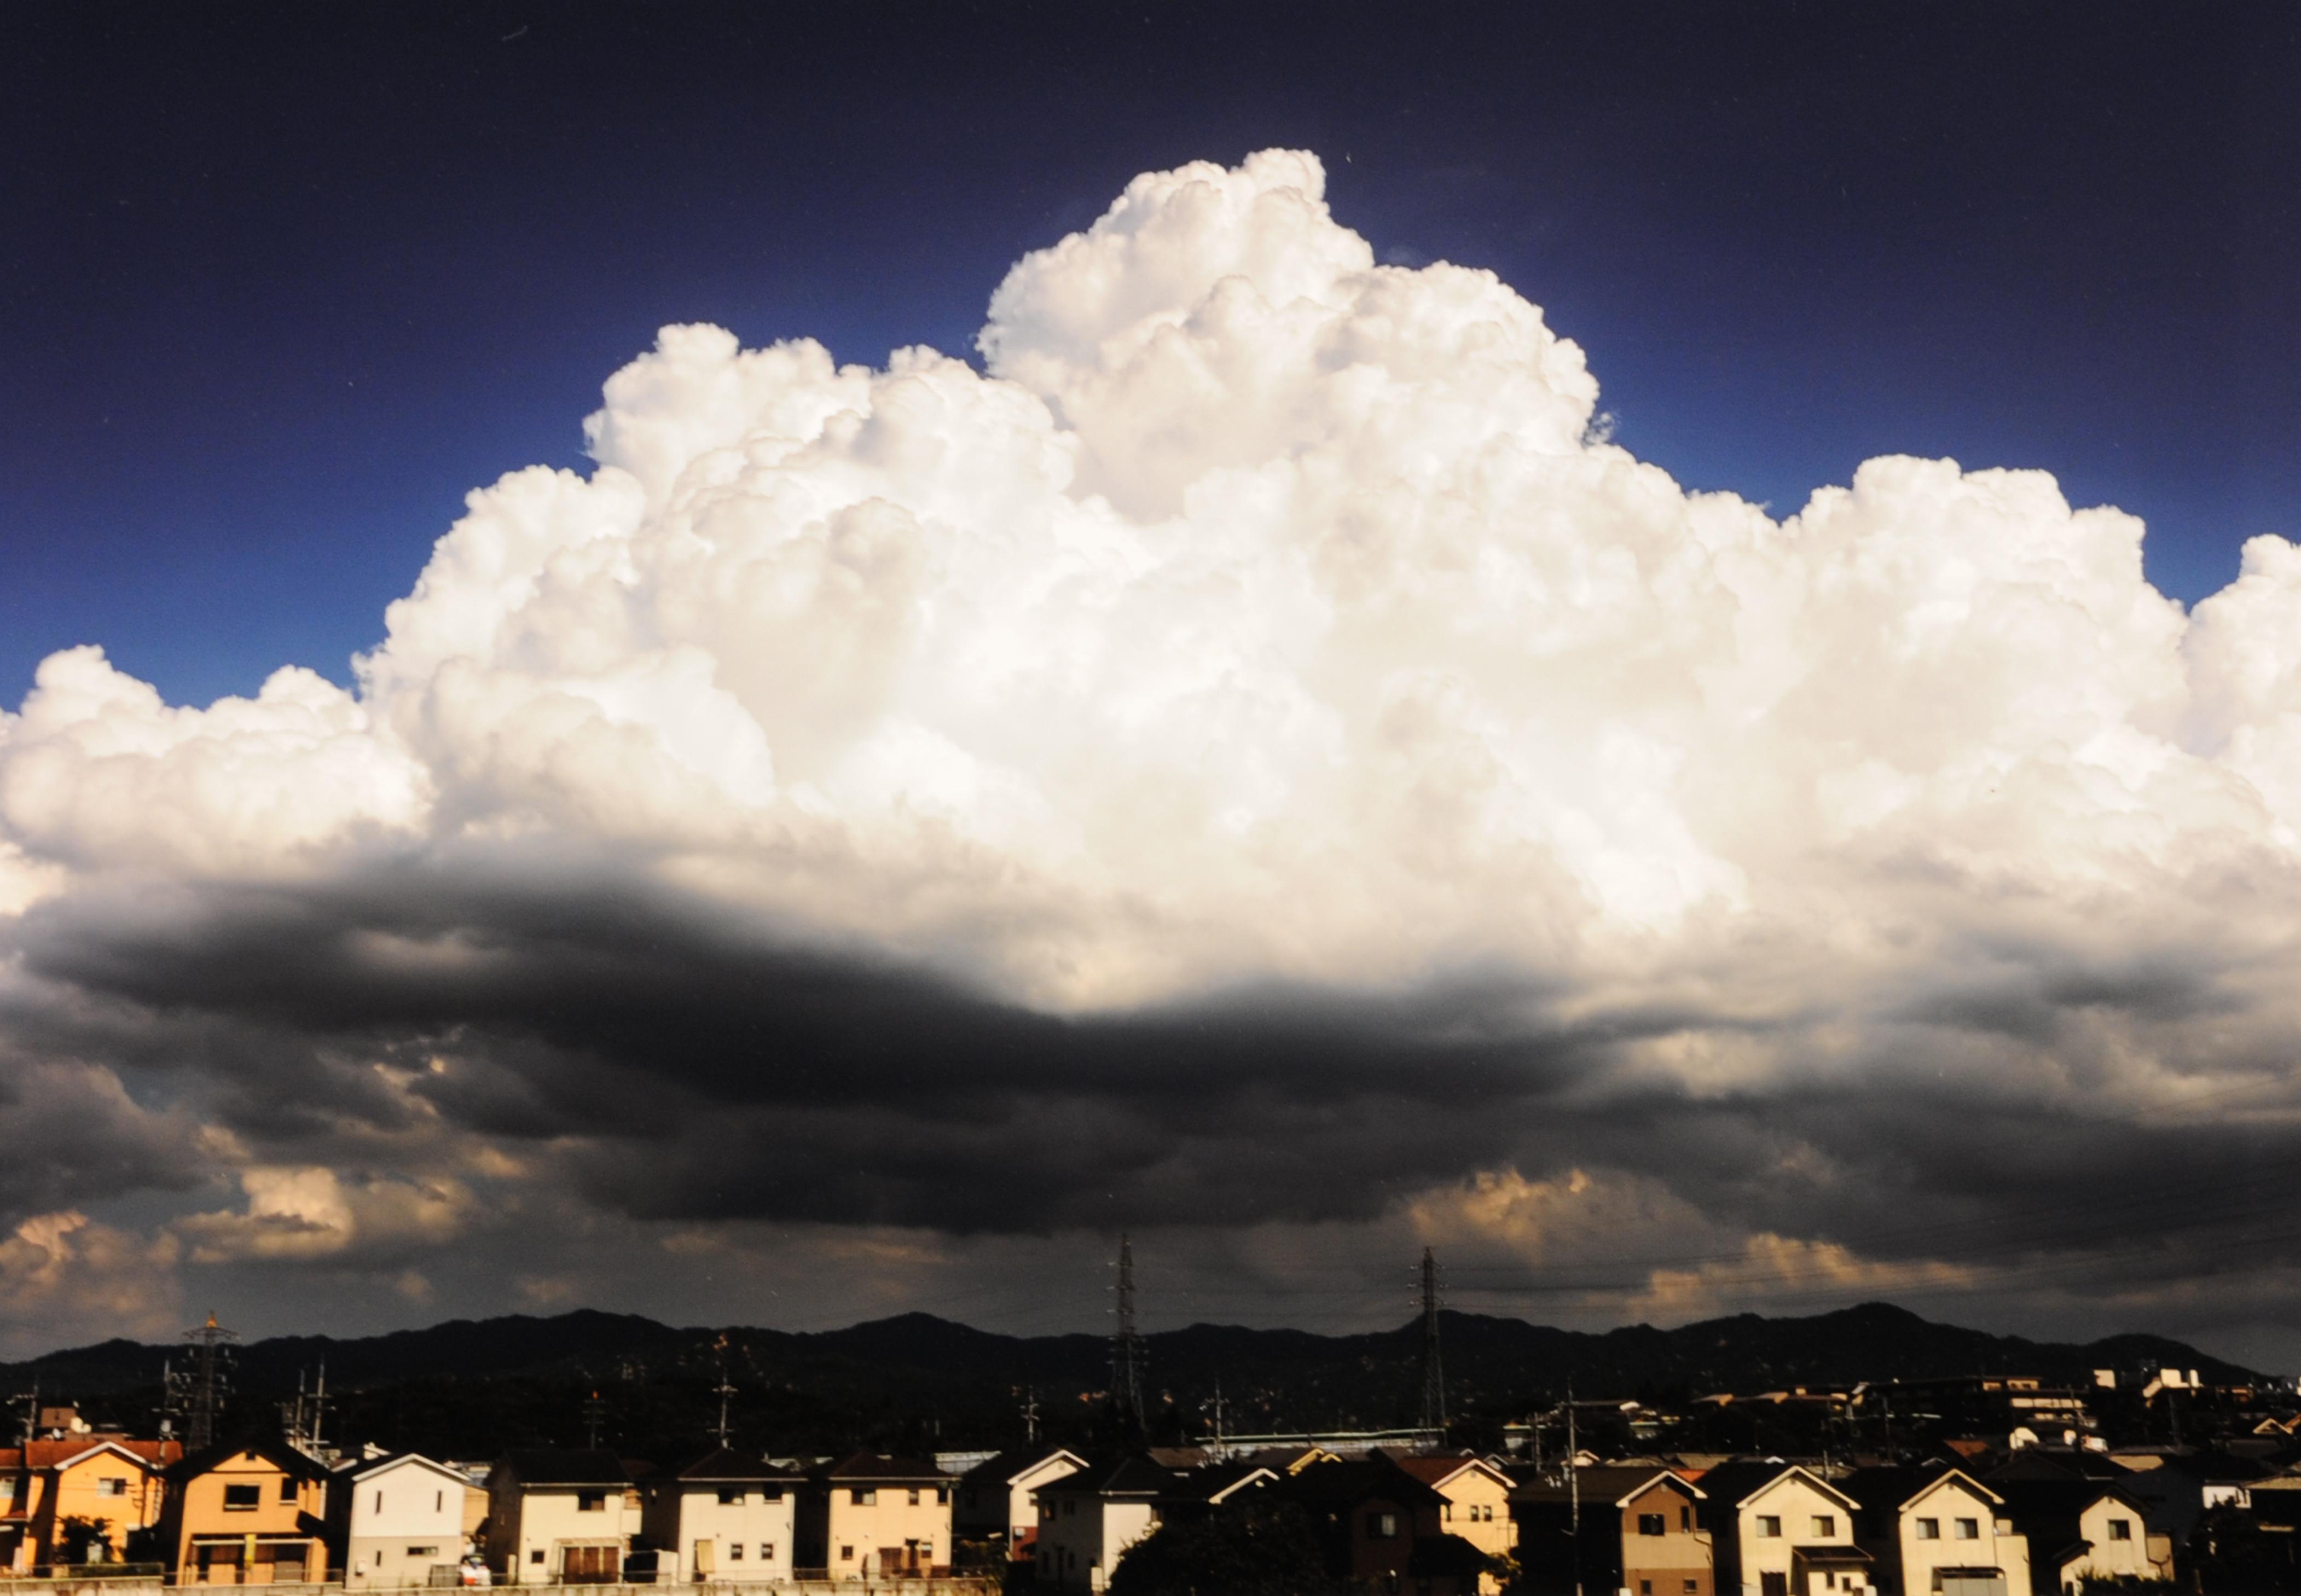 第55回滋賀県写真展覧会特選「雲立ちぬ」 原田 直